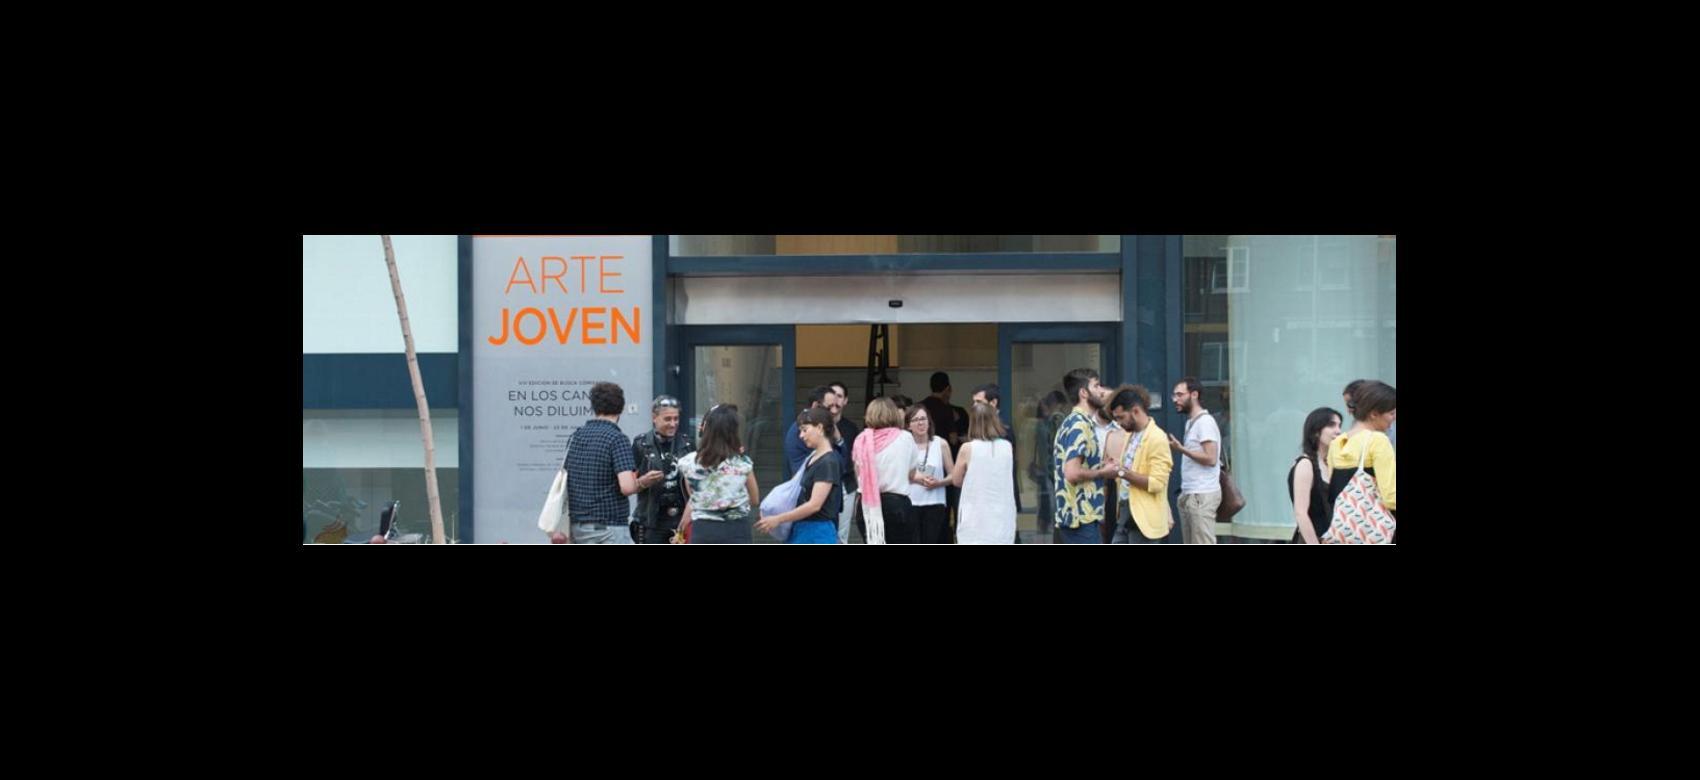 Varias personas en la entrada de la Sala Arte Joven